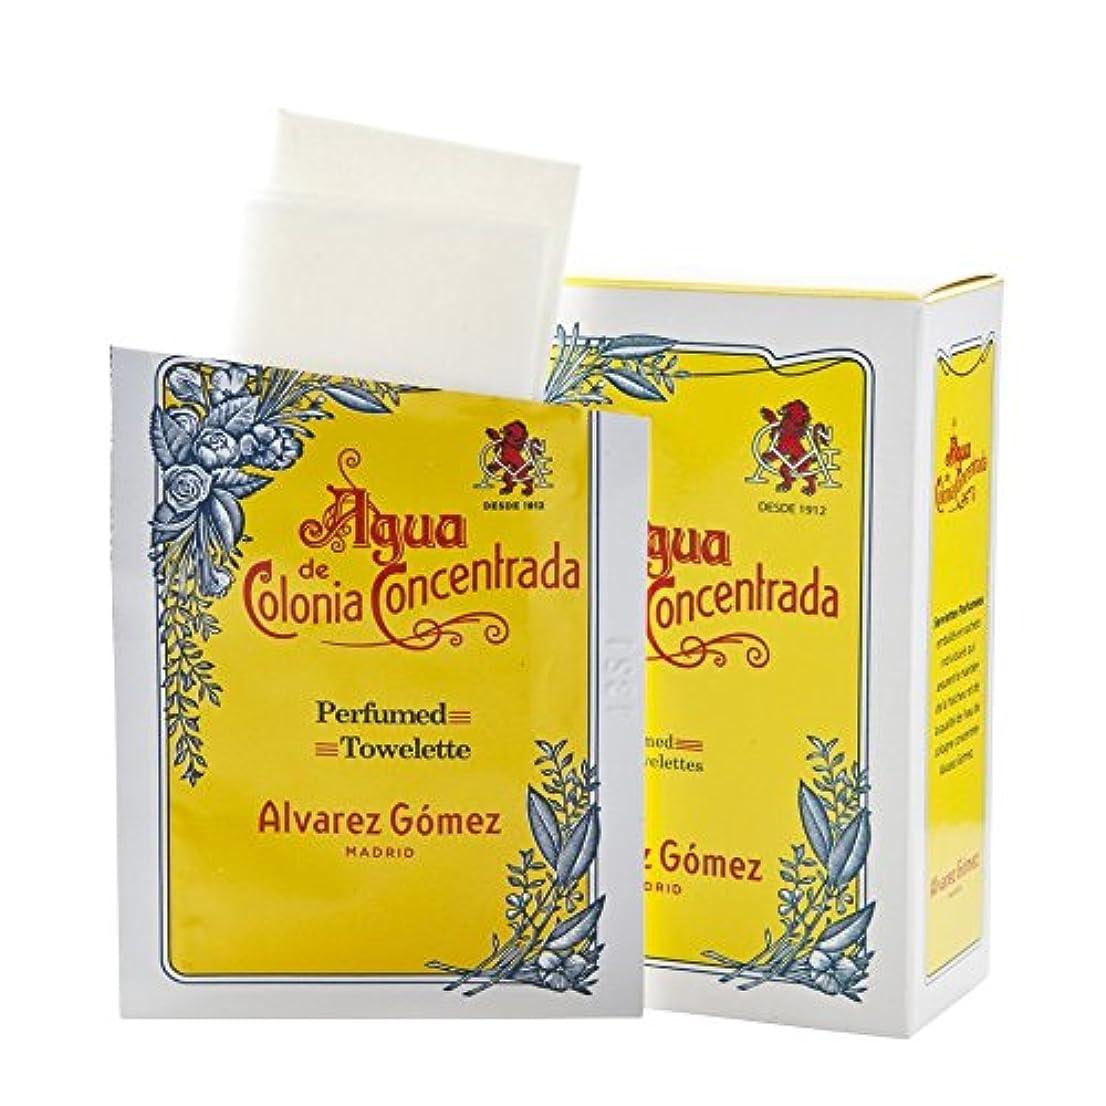 ?lvarez G?mez Agua de Colonia Concentrada Refreshing Wipes - アルバレス?ゴメスアグア?デ?コロニアさわやかなワイプ [並行輸入品]